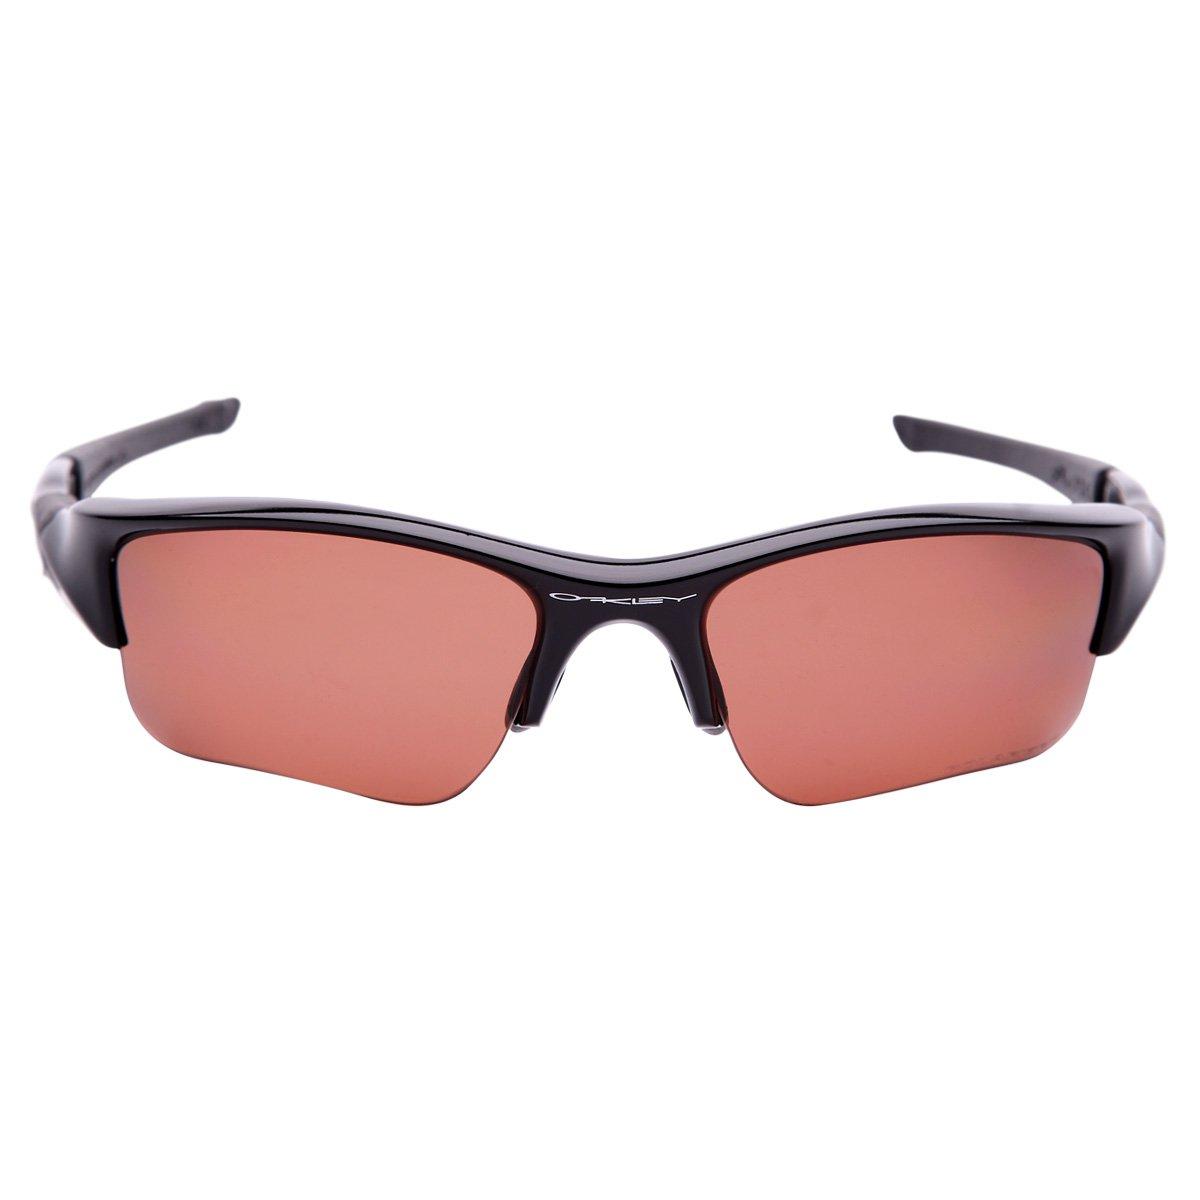 13e4c142d3e24 Óculos Oakley Flak Jacket XLJ - Polarizado - Compre Agora   Netshoes